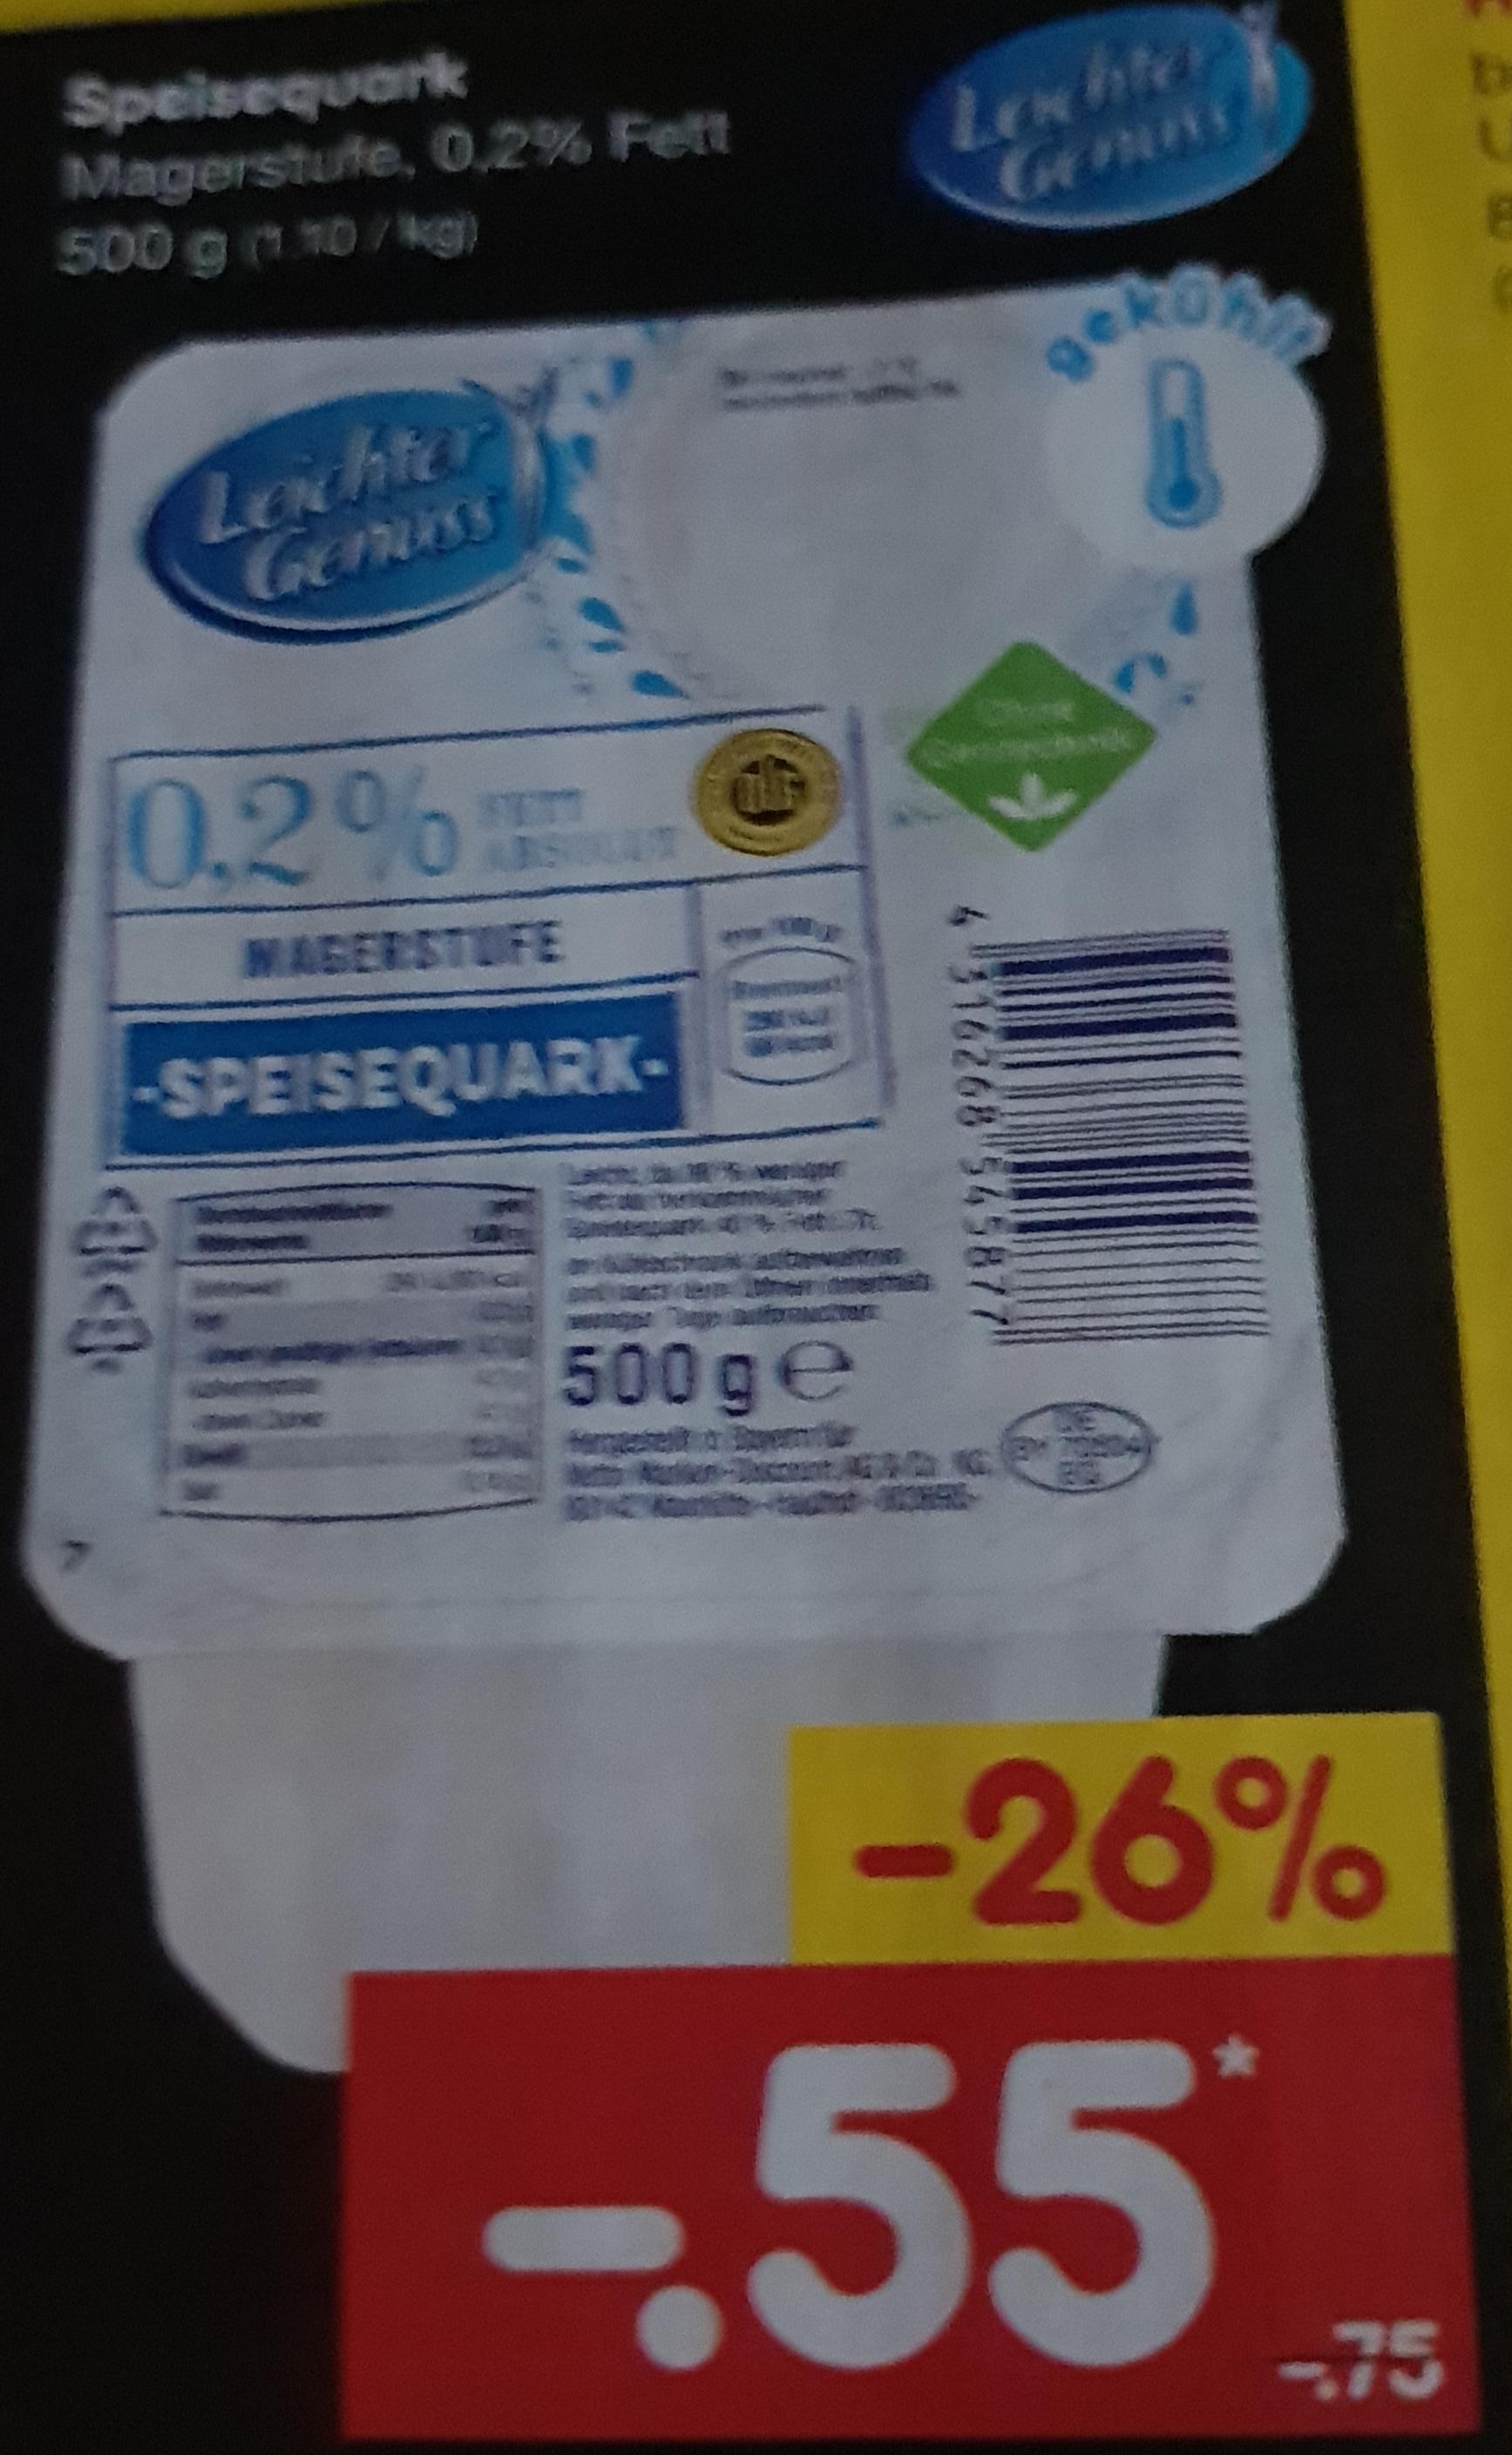 [Netto] Speisequark: 500g Magerstufe, 0,2% Fett [Ab 25.6.20]